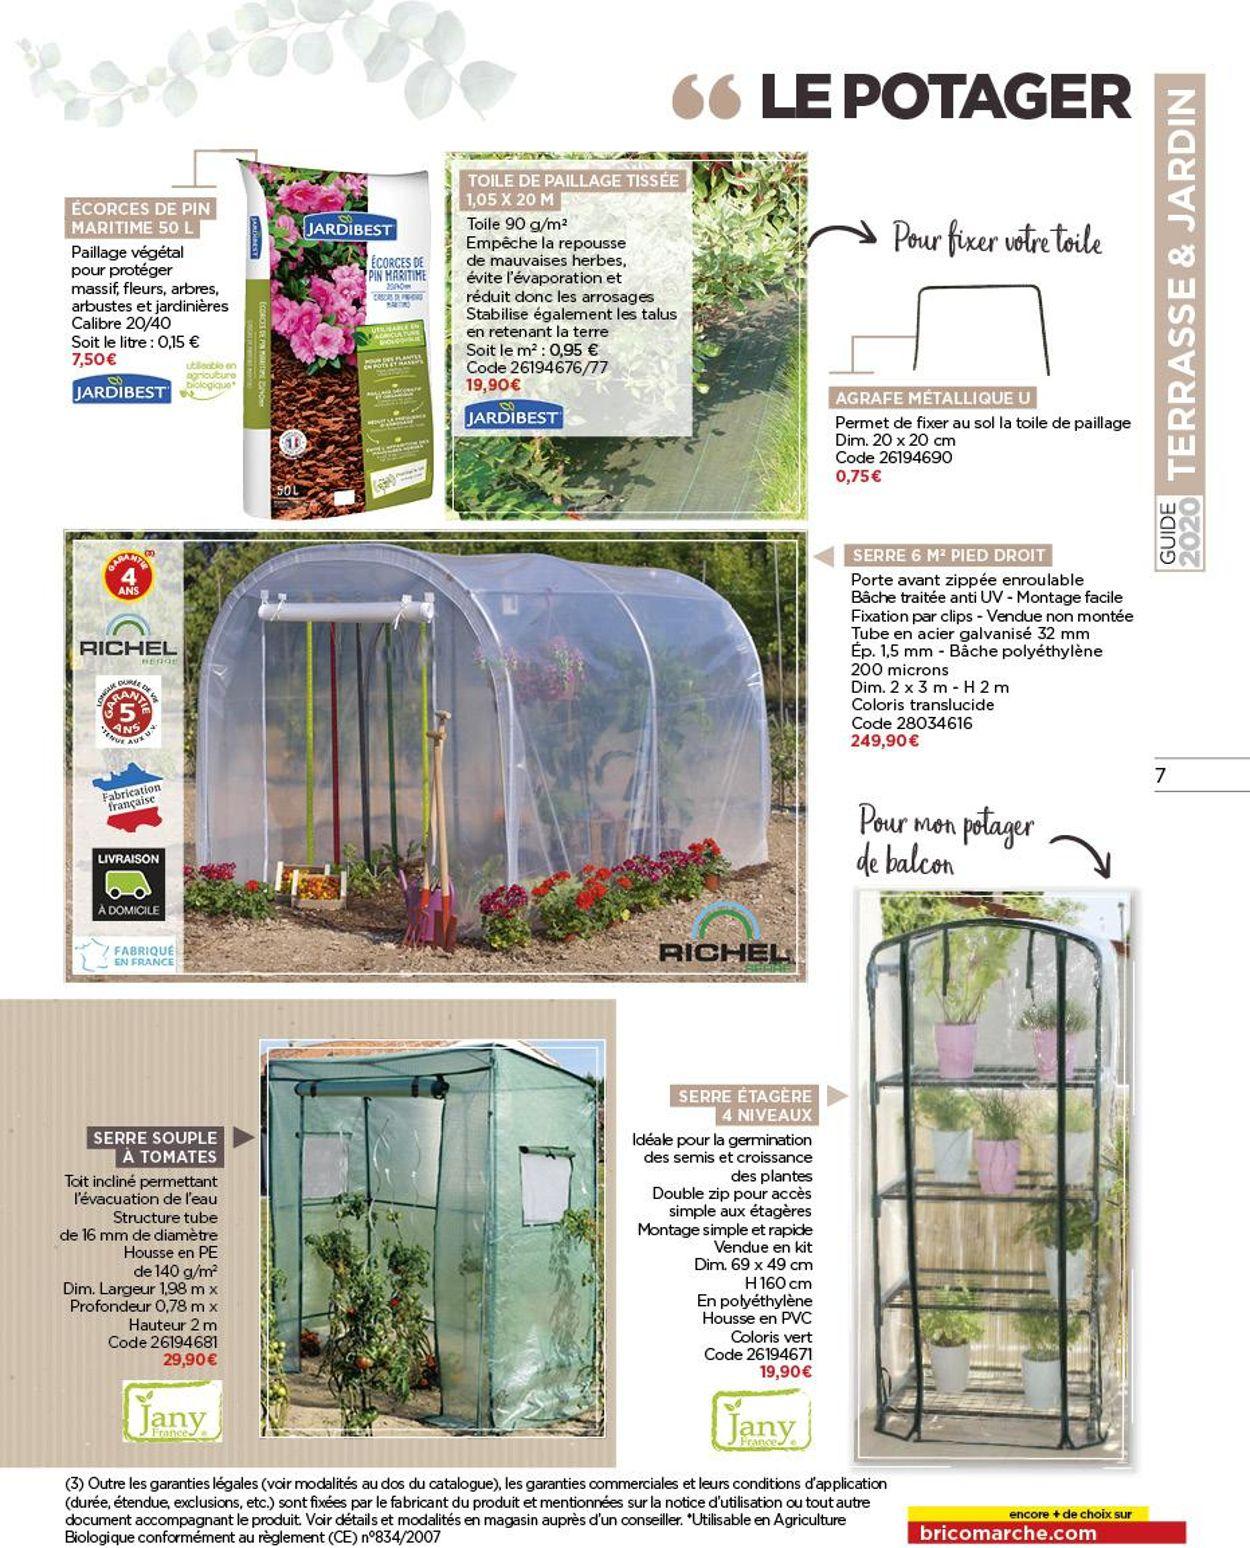 Bricomarché Catalogue Actuel 18.03 - 31.12.2020 [7 ... intérieur Serre De Jardin Bricomarché